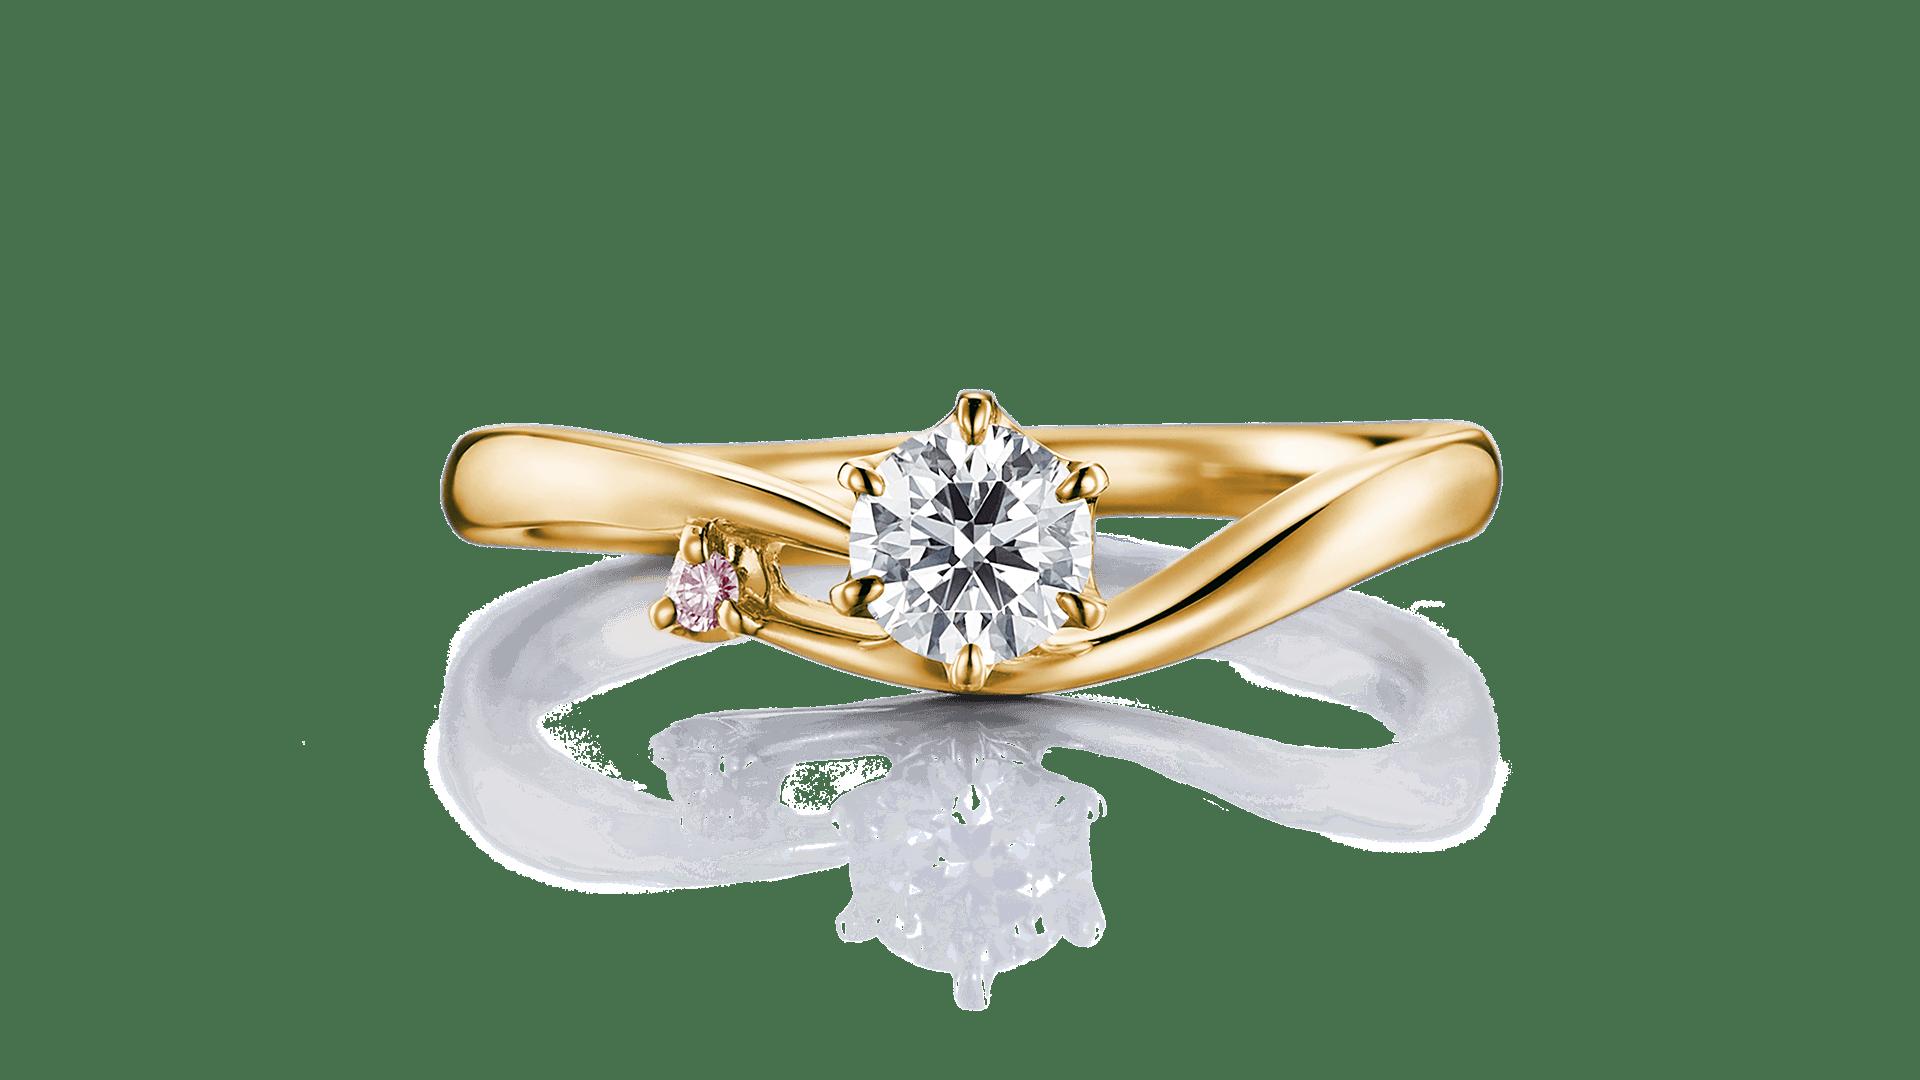 spica スピカ   婚約指輪サムネイル 1